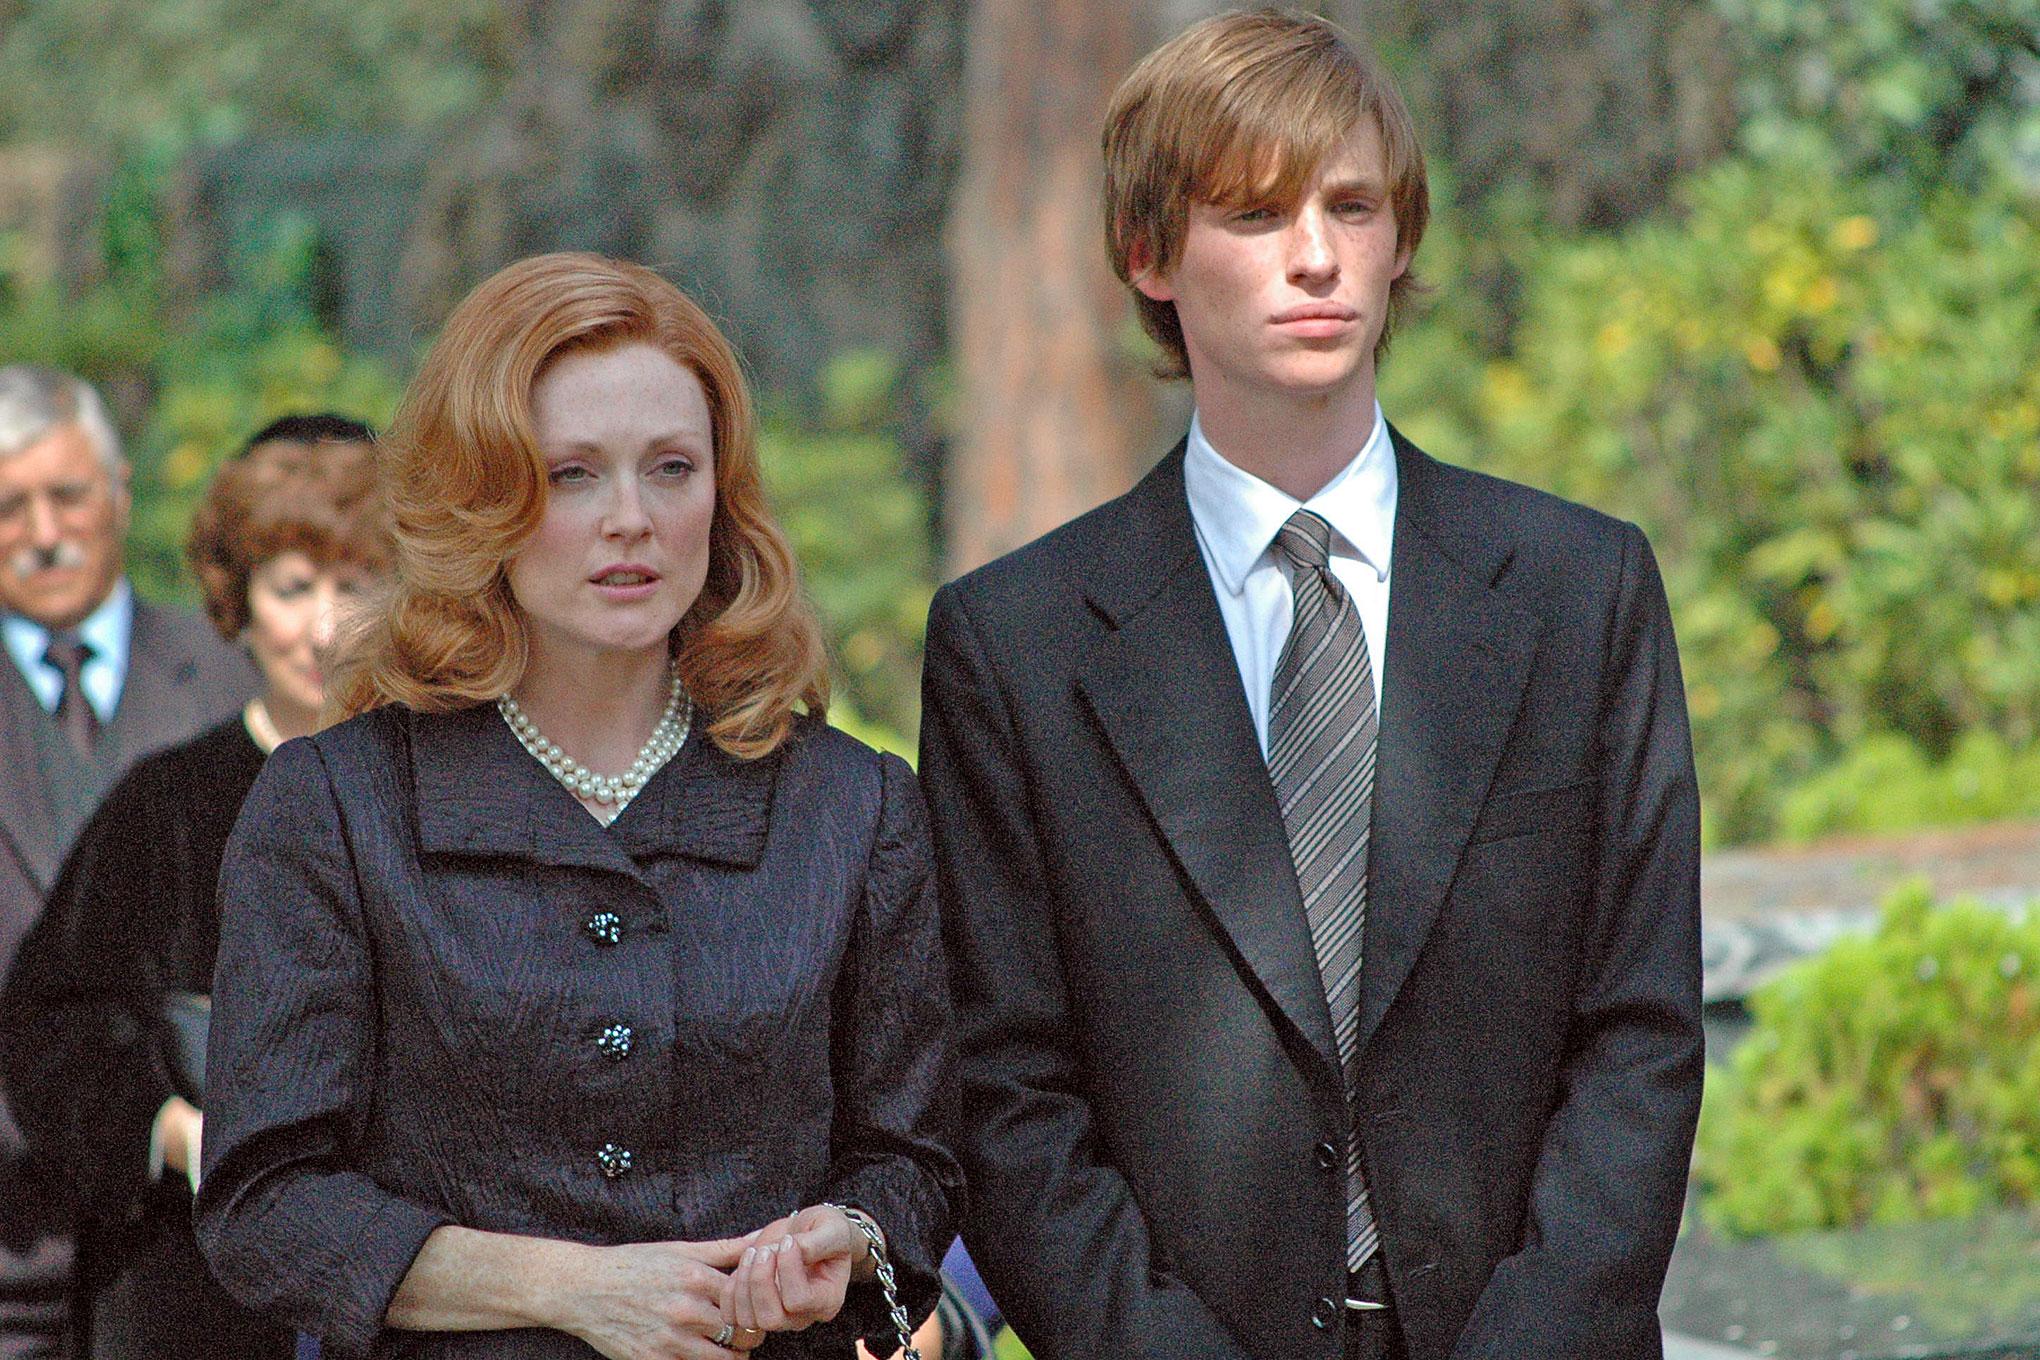 乱伦小�9��Z�_和今年奥斯卡影后大热摩尔在《欲孽迷宫》演过母子乱伦